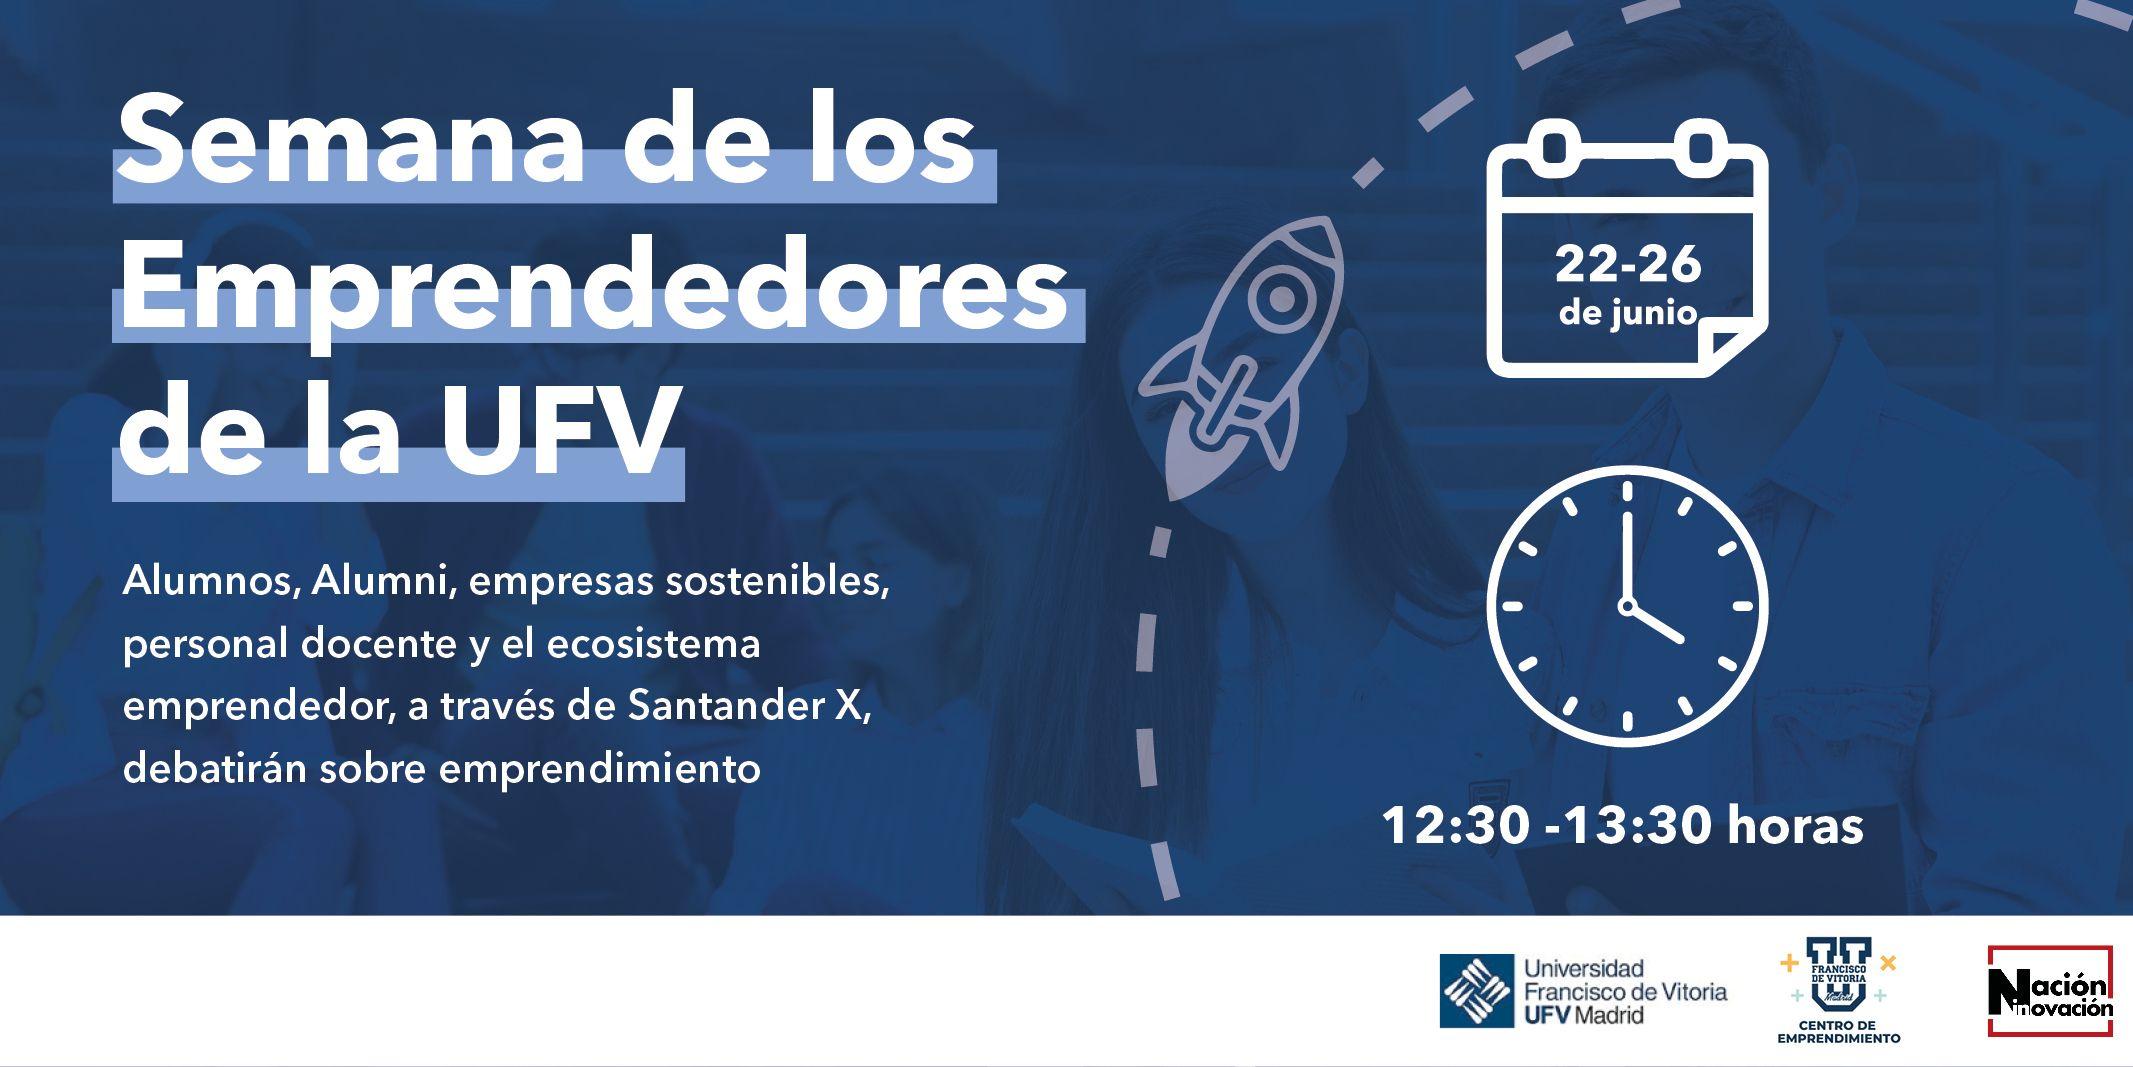 La Semana de los Emprendedores de la UFV destaca la importancia de la innovación y el emprendimiento en las aulas